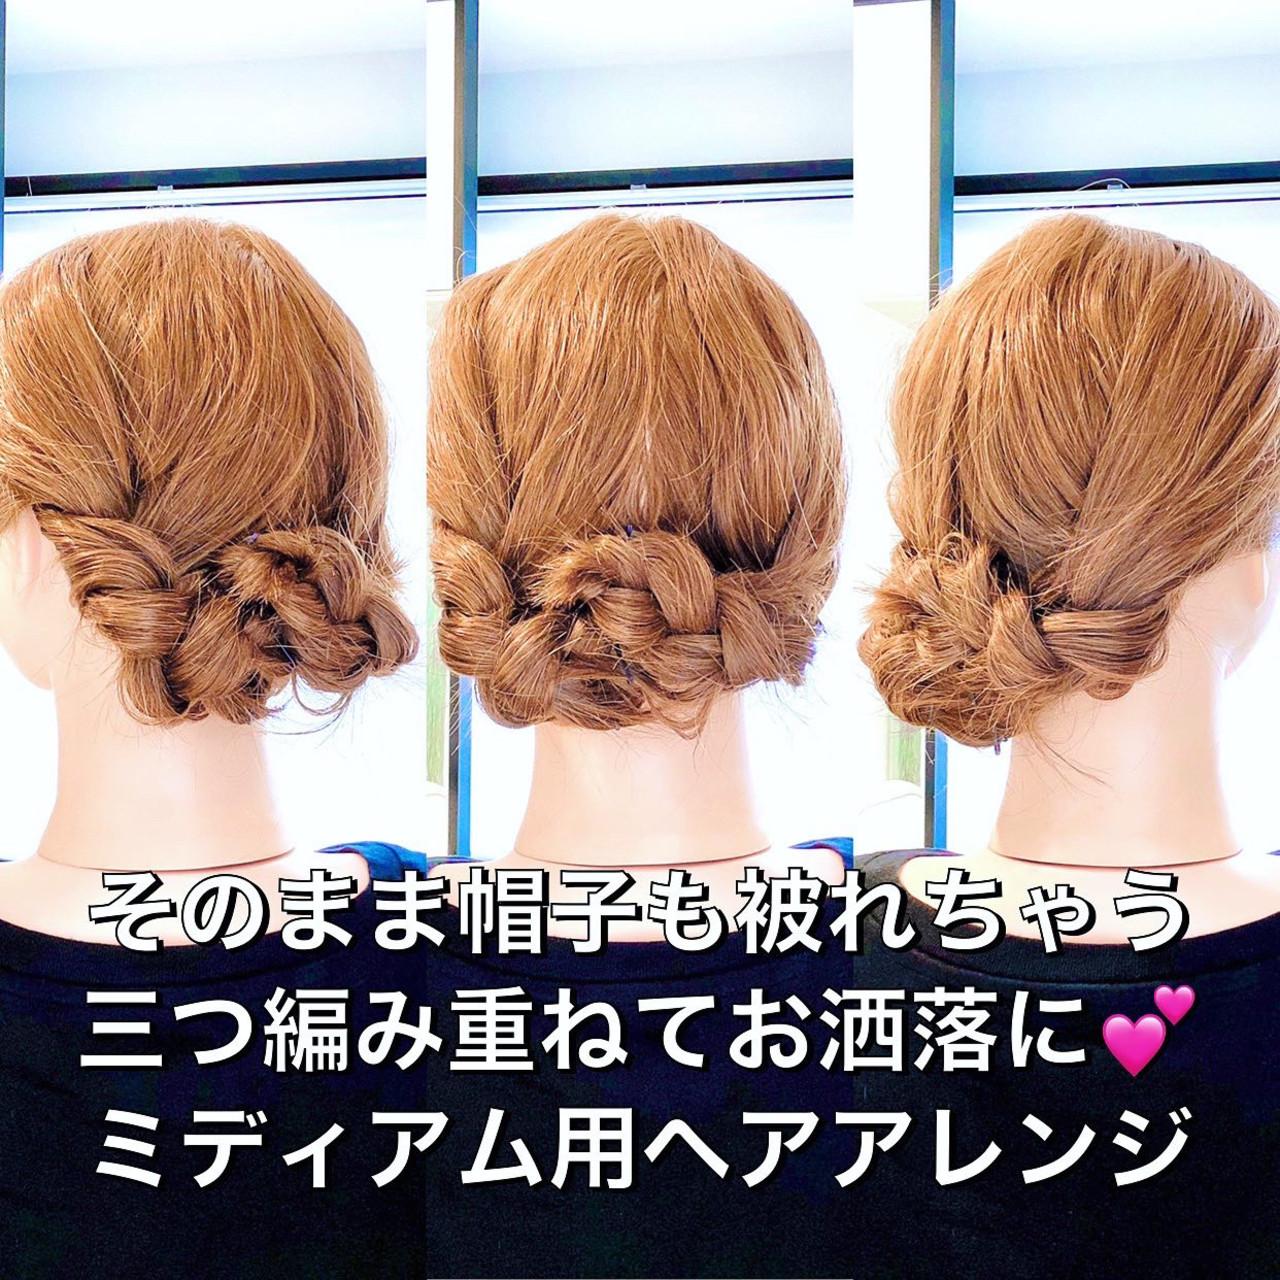 簡単ヘアアレンジ セルフヘアアレンジ ロング 三つ編み ヘアスタイルや髪型の写真・画像 | 美容師HIRO/Amoute代表 / Amoute/アムティ